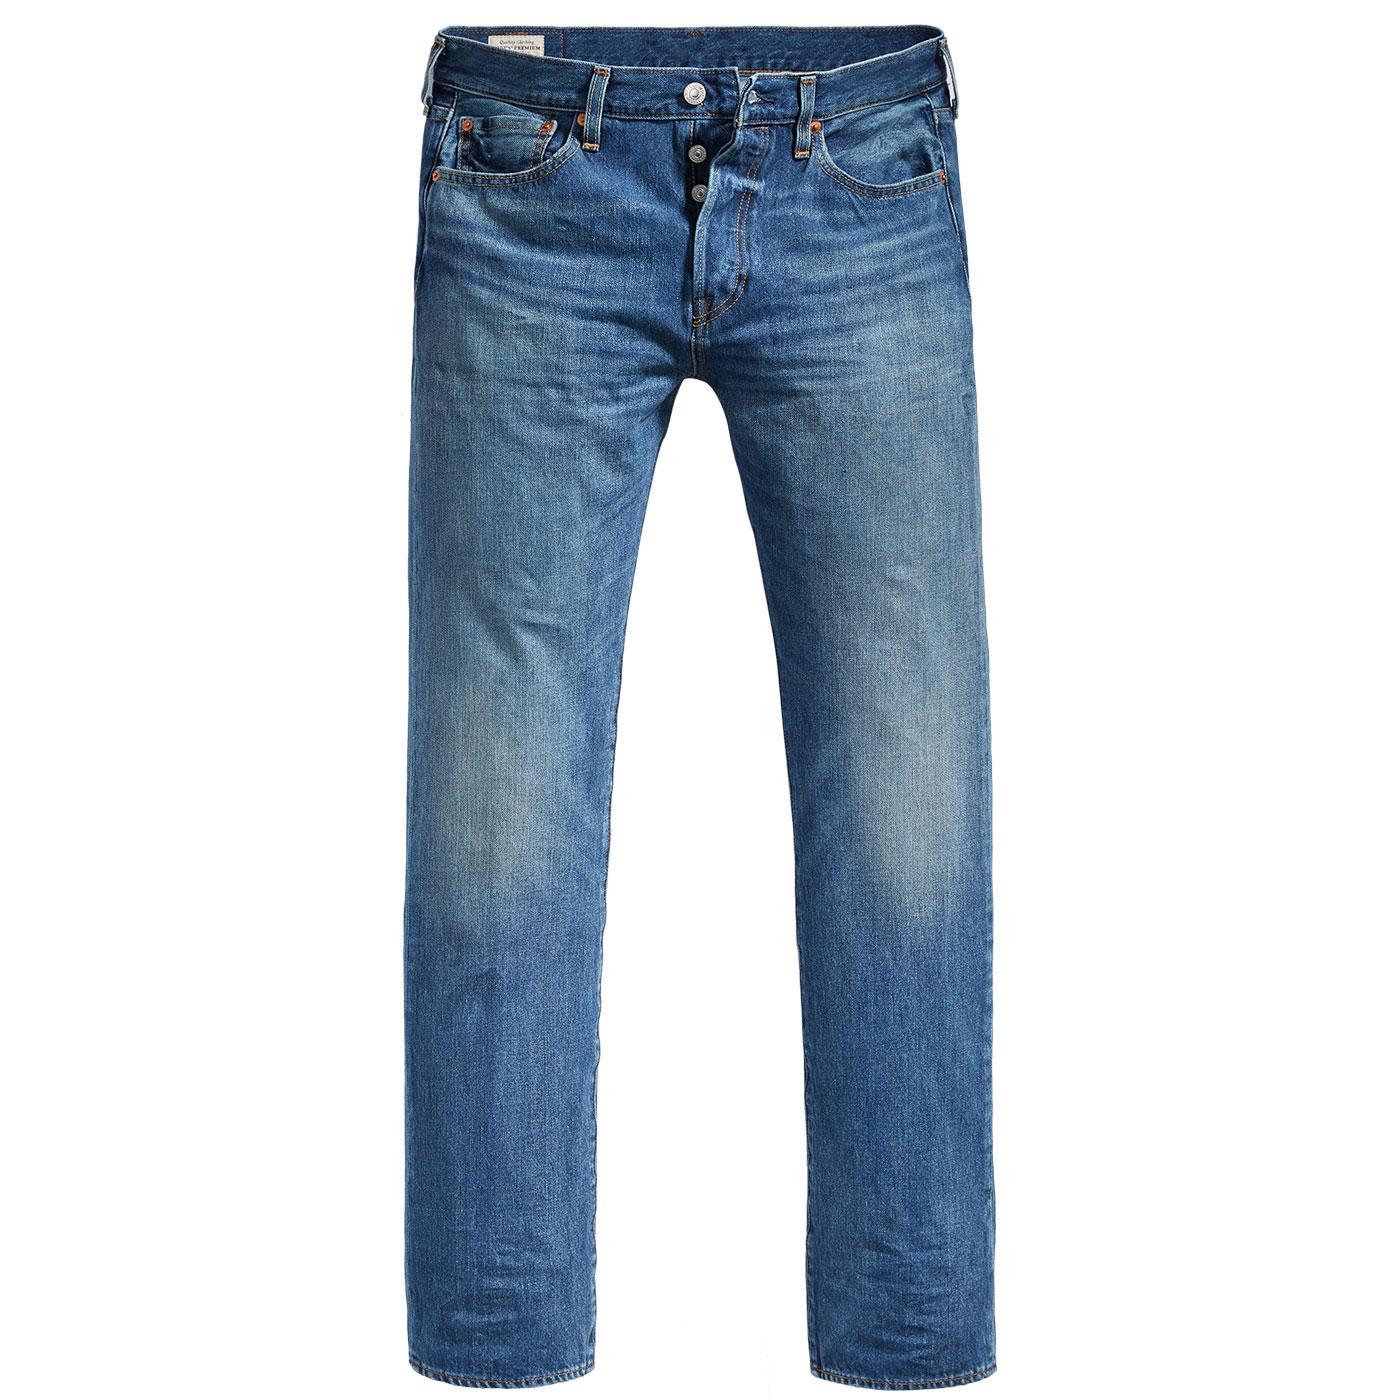 LEVI'S 501 Mod Original Straight Jeans BUBBLES ST.